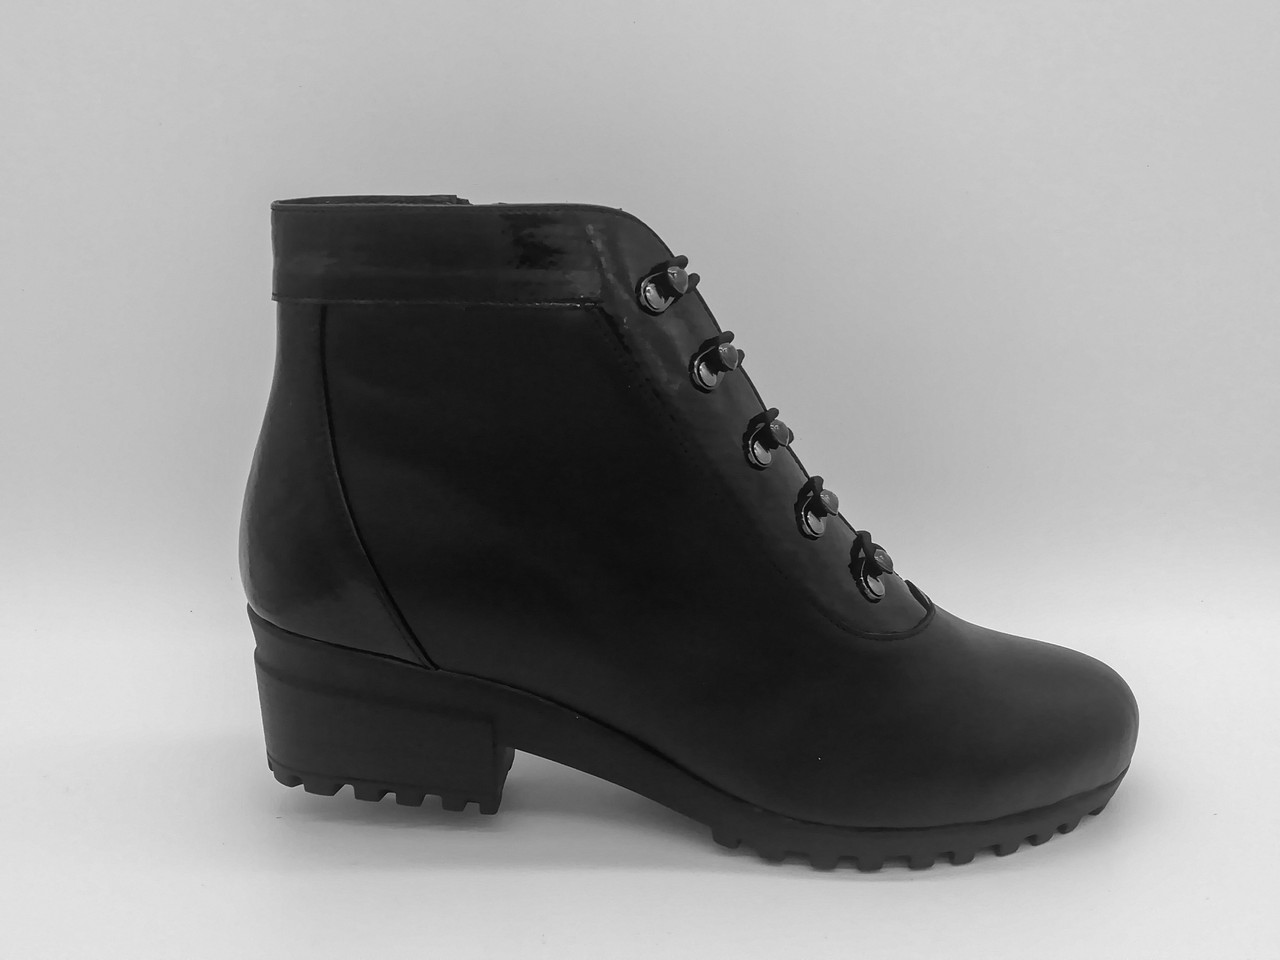 Кожаные зимние ботинки. Украина. Большие размеры (41 - 43).